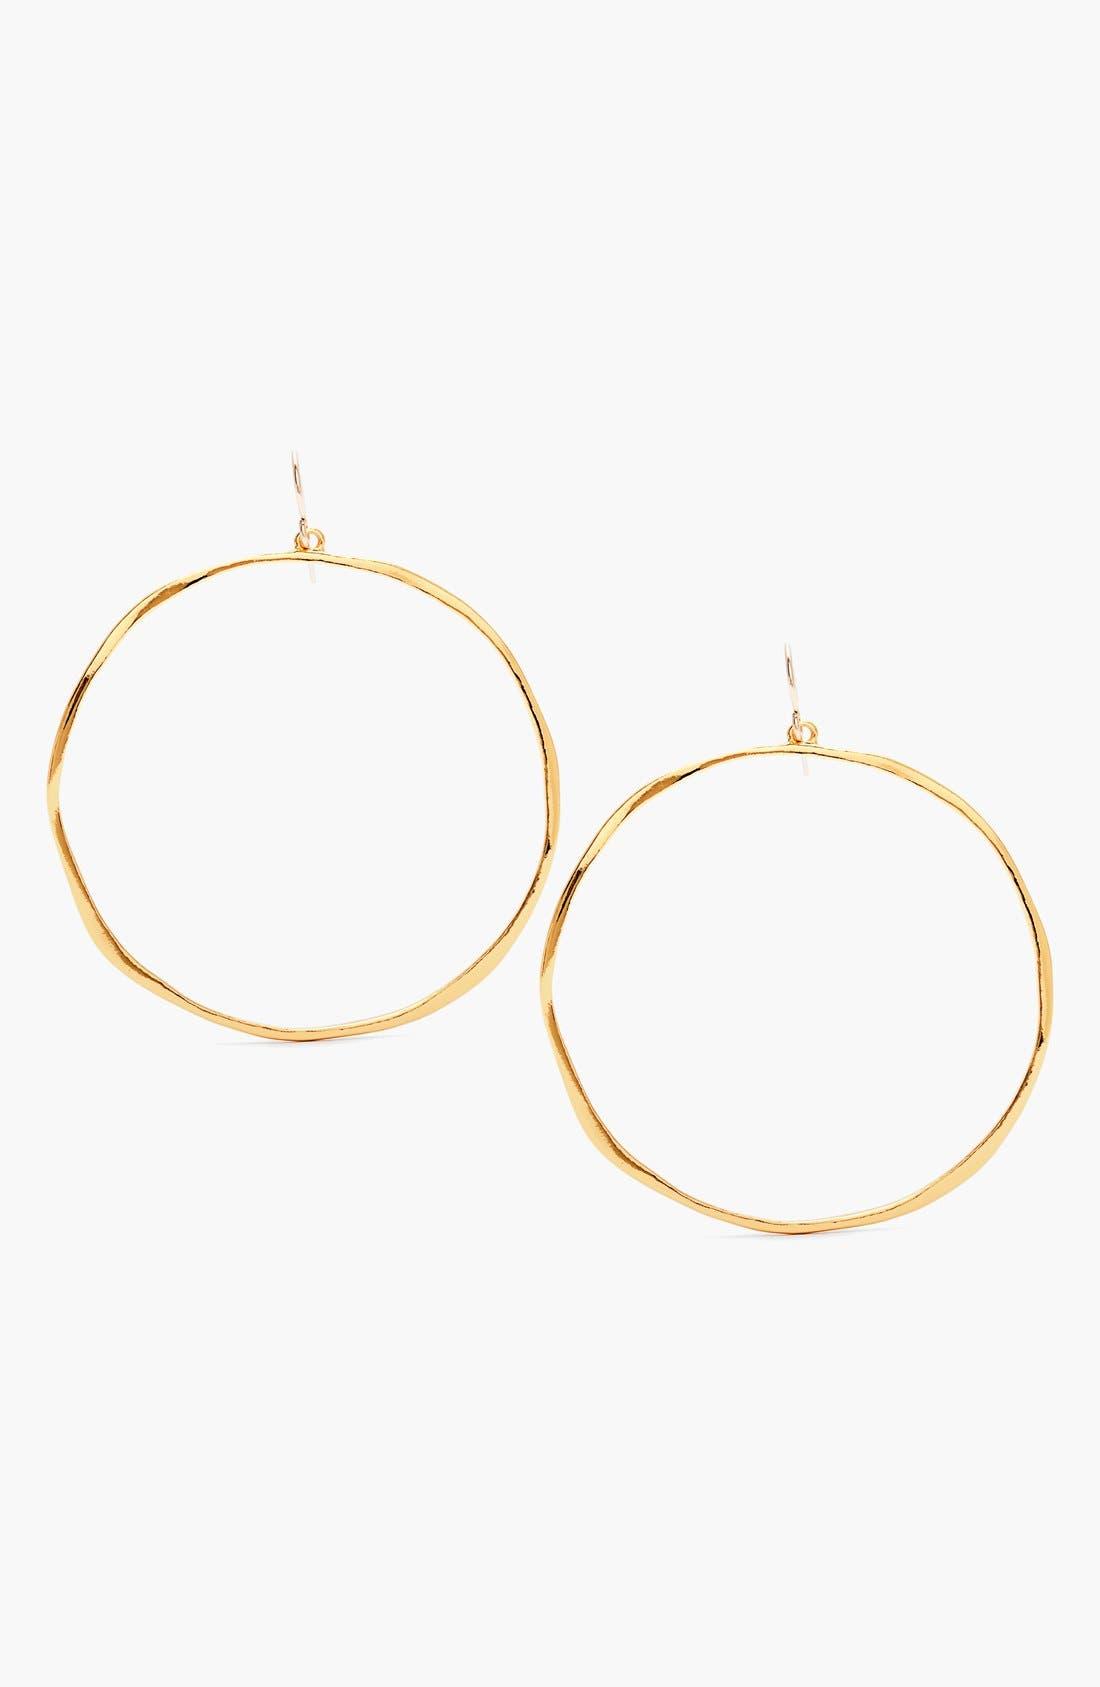 Alternate Image 1 Selected - gorjana 'G Ring' Hoop Earrings